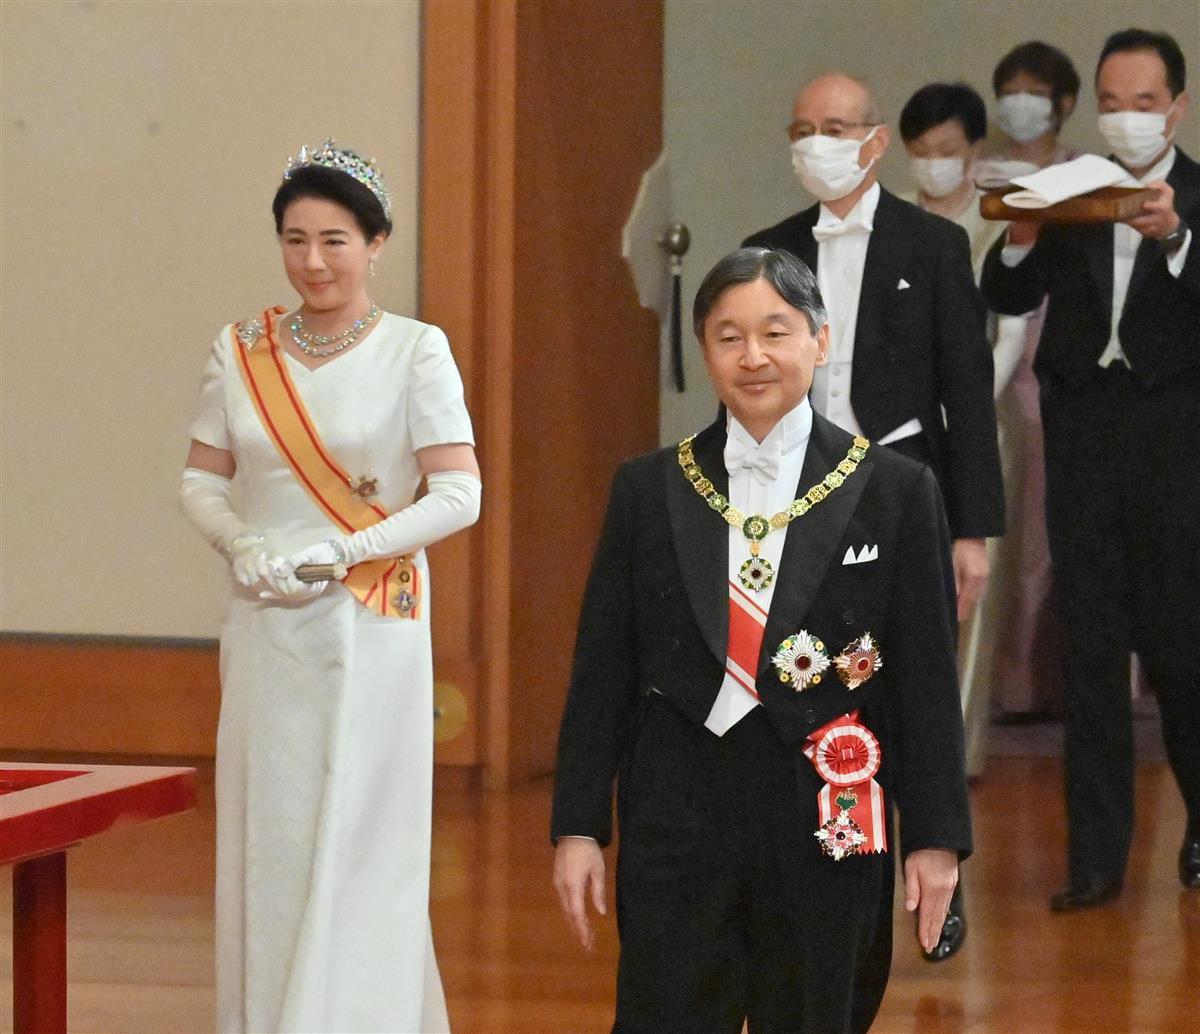 皇后さま、体調整え重要儀式にもご臨席 - 産経ニュース